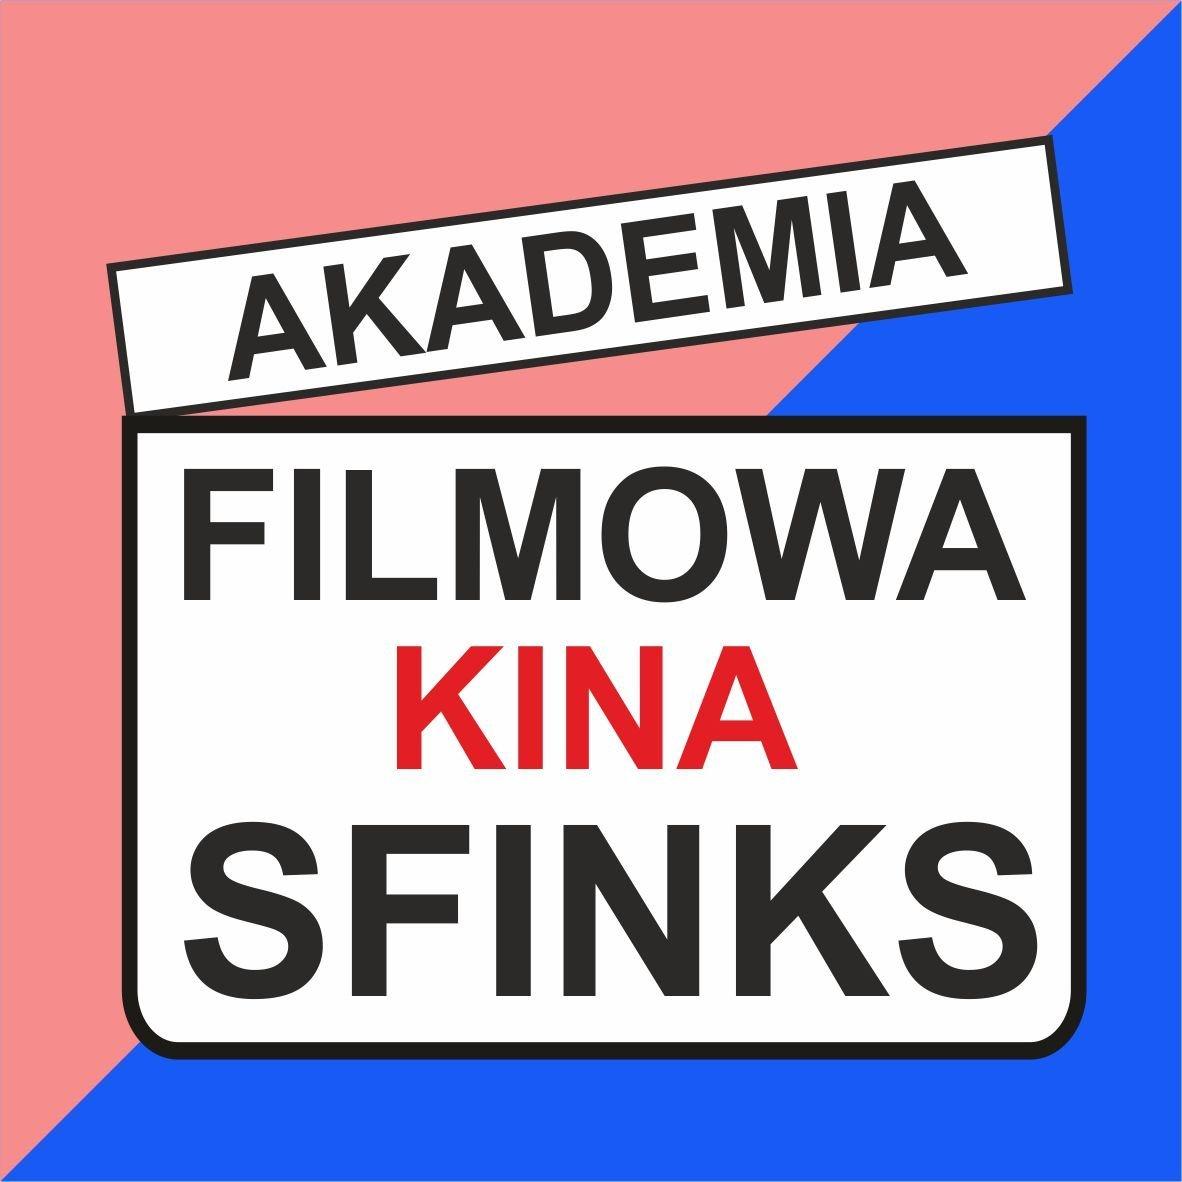 Akademia Filmowa Sfinksa: warsztaty filmowe + projekcja filmu